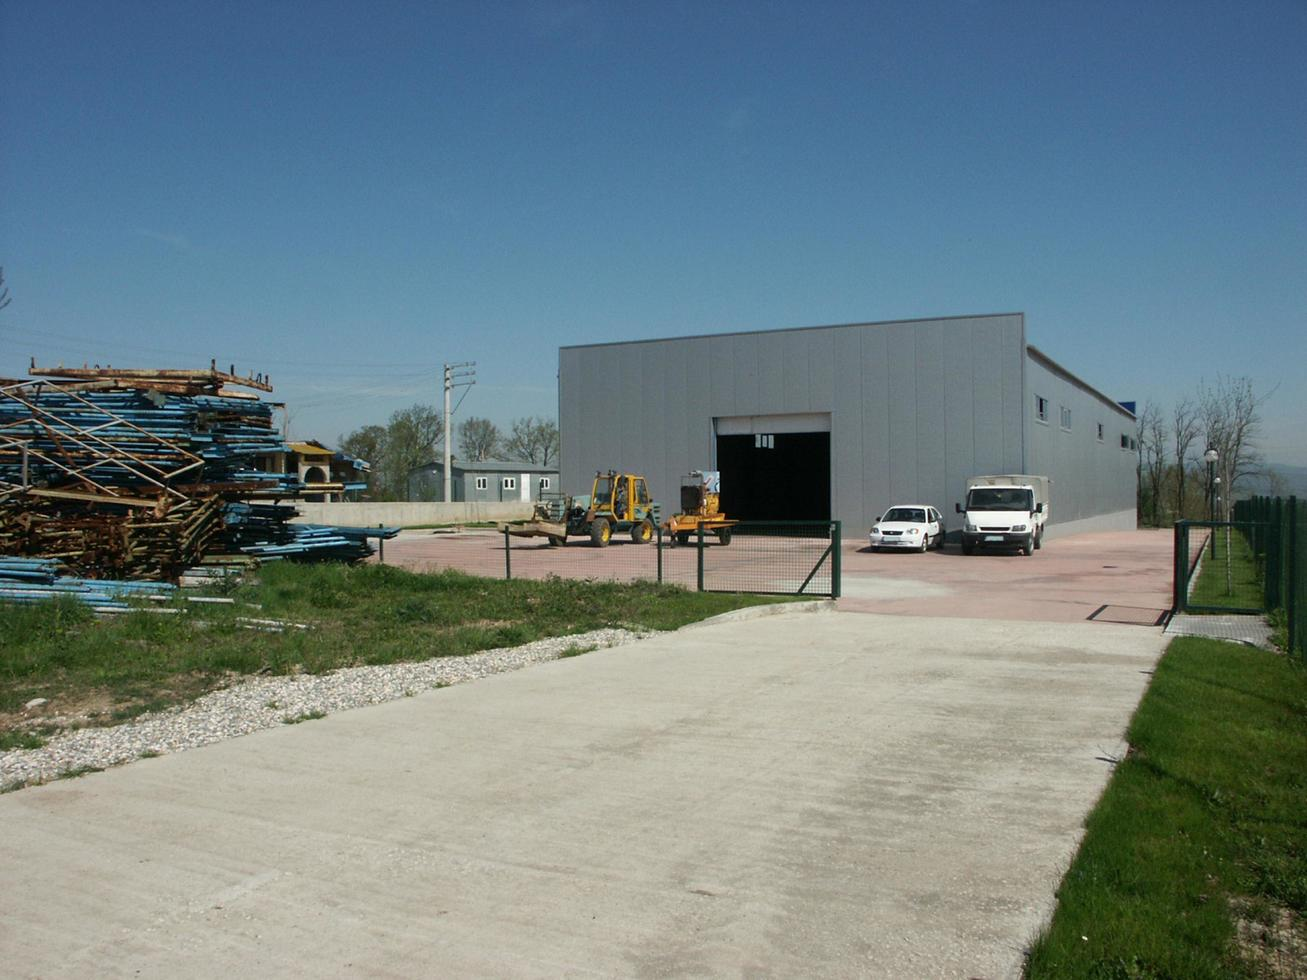 entrepôt ou bâtiment industriel polyvalent photo